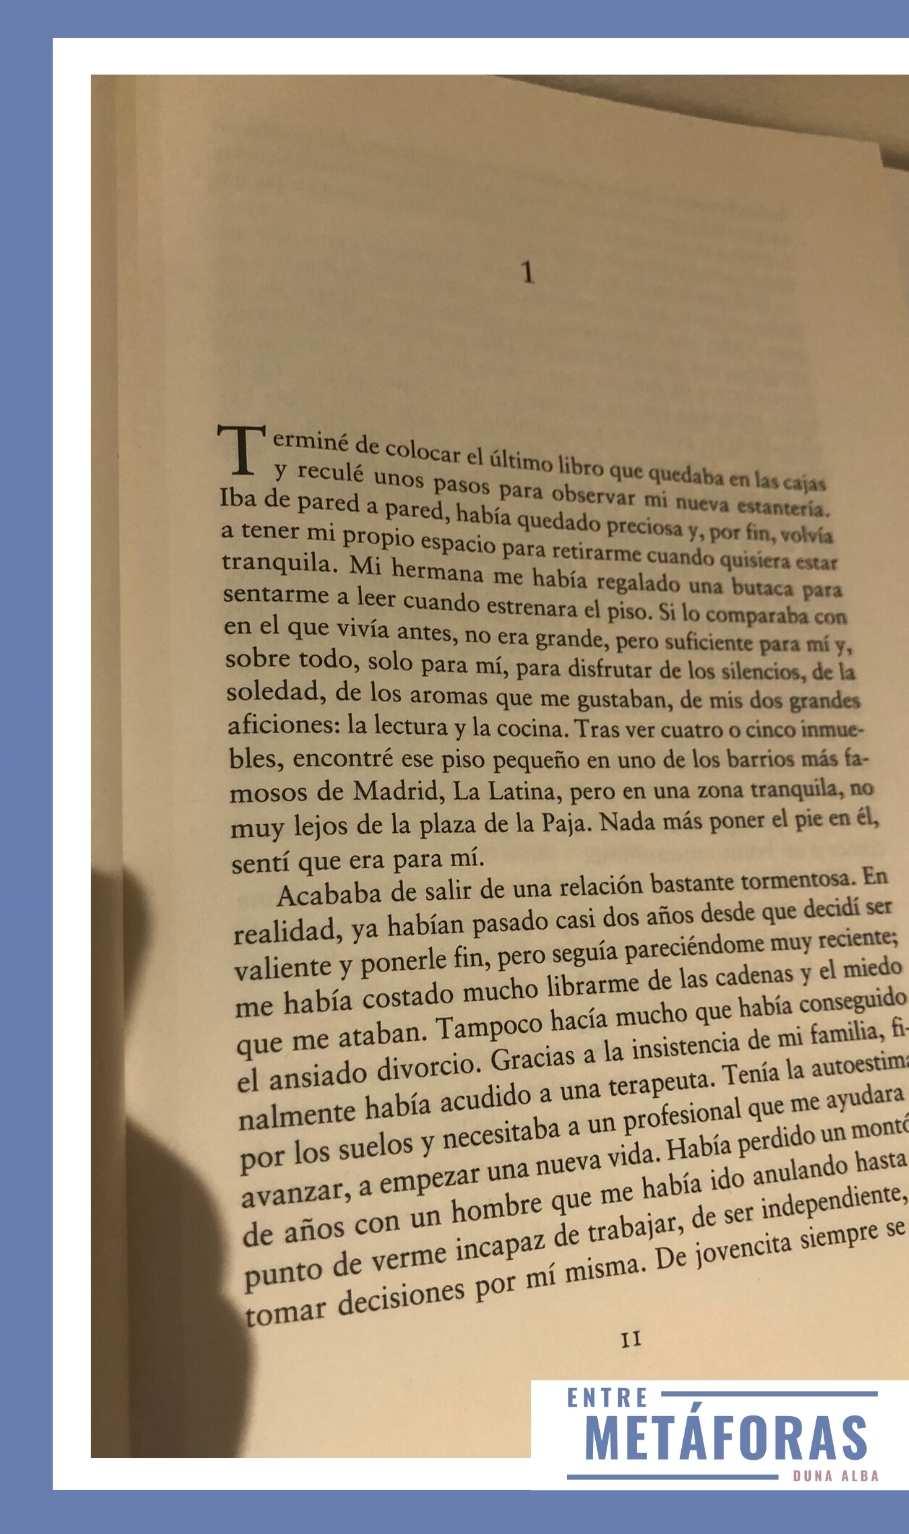 El desván de los sueños, de Elena Montagud